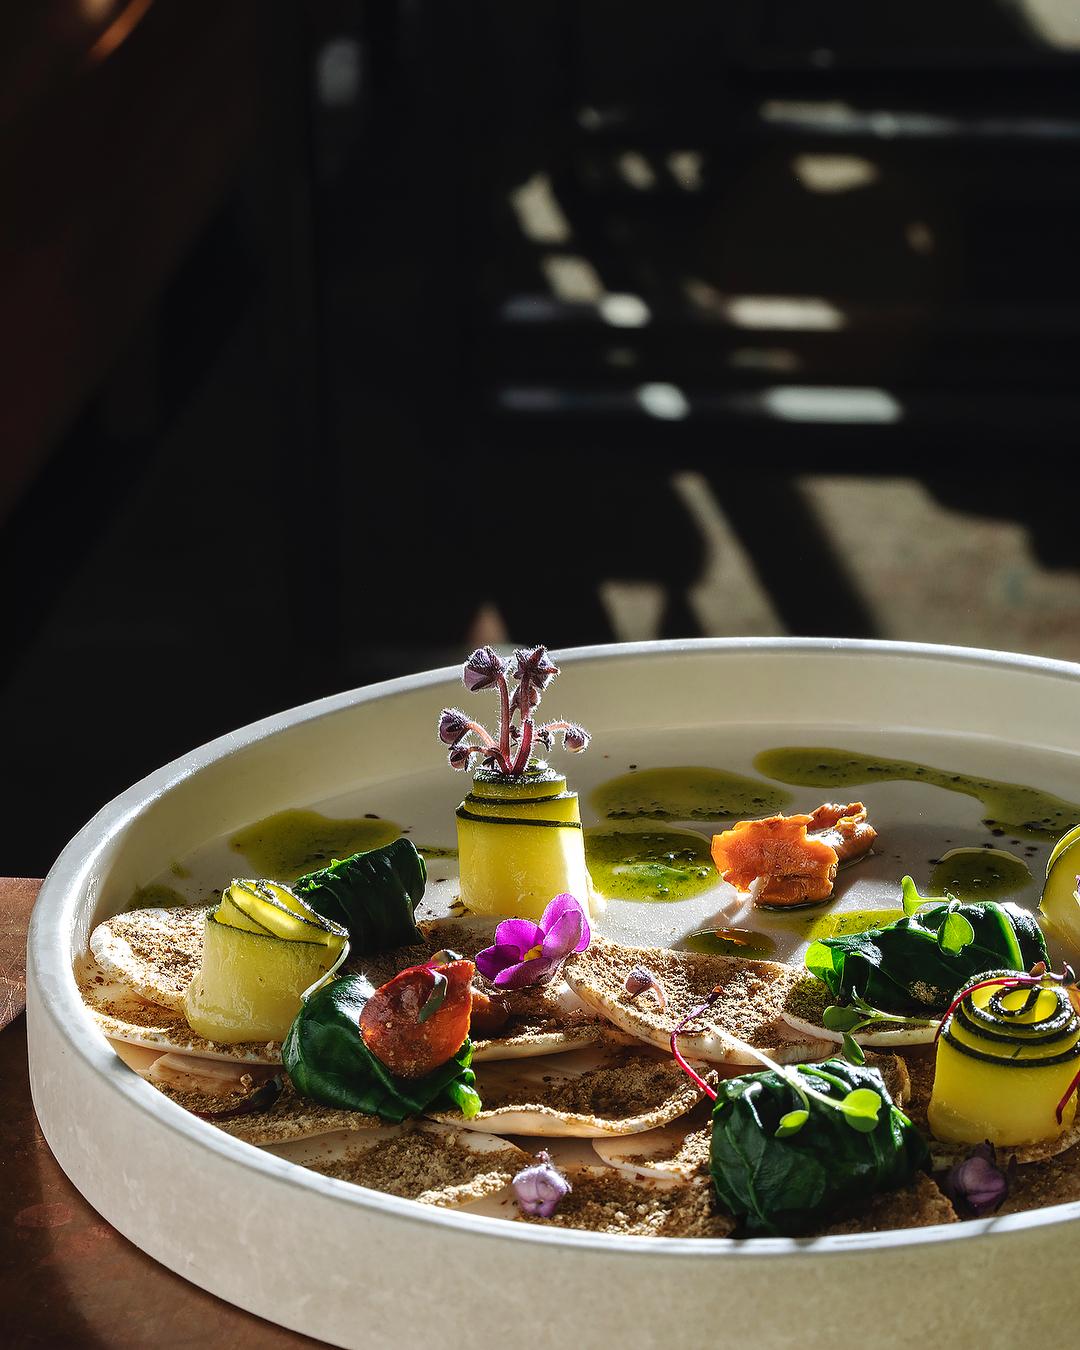 Карпаччо из грибов с трюфельным маслом и слайсами цукини